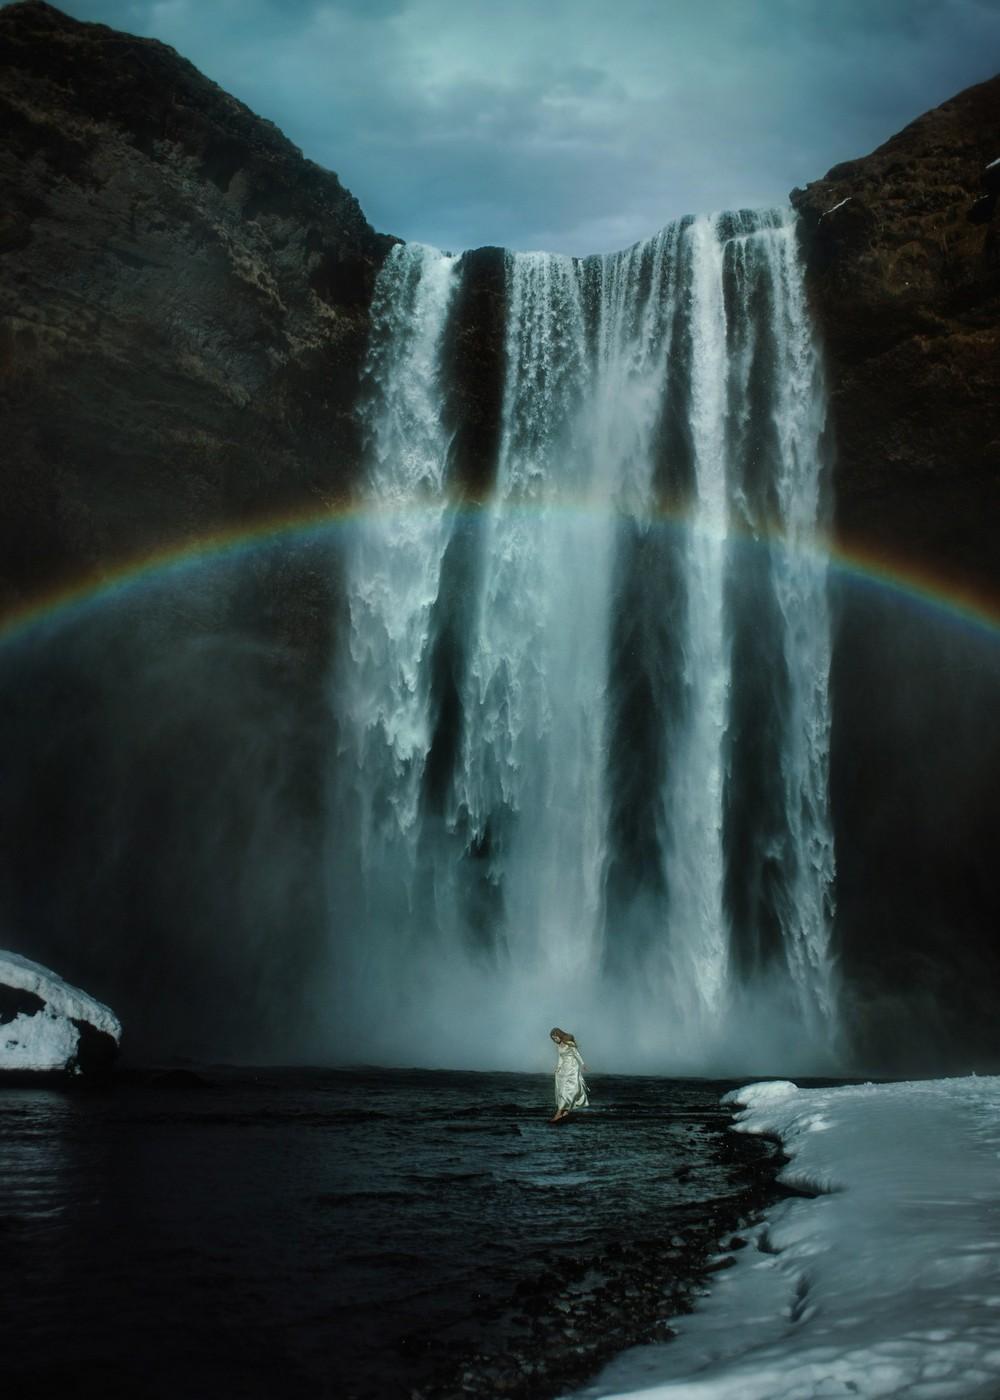 Фотограф путешествует по миру, фотографируя свою девушку в самых красивых местах